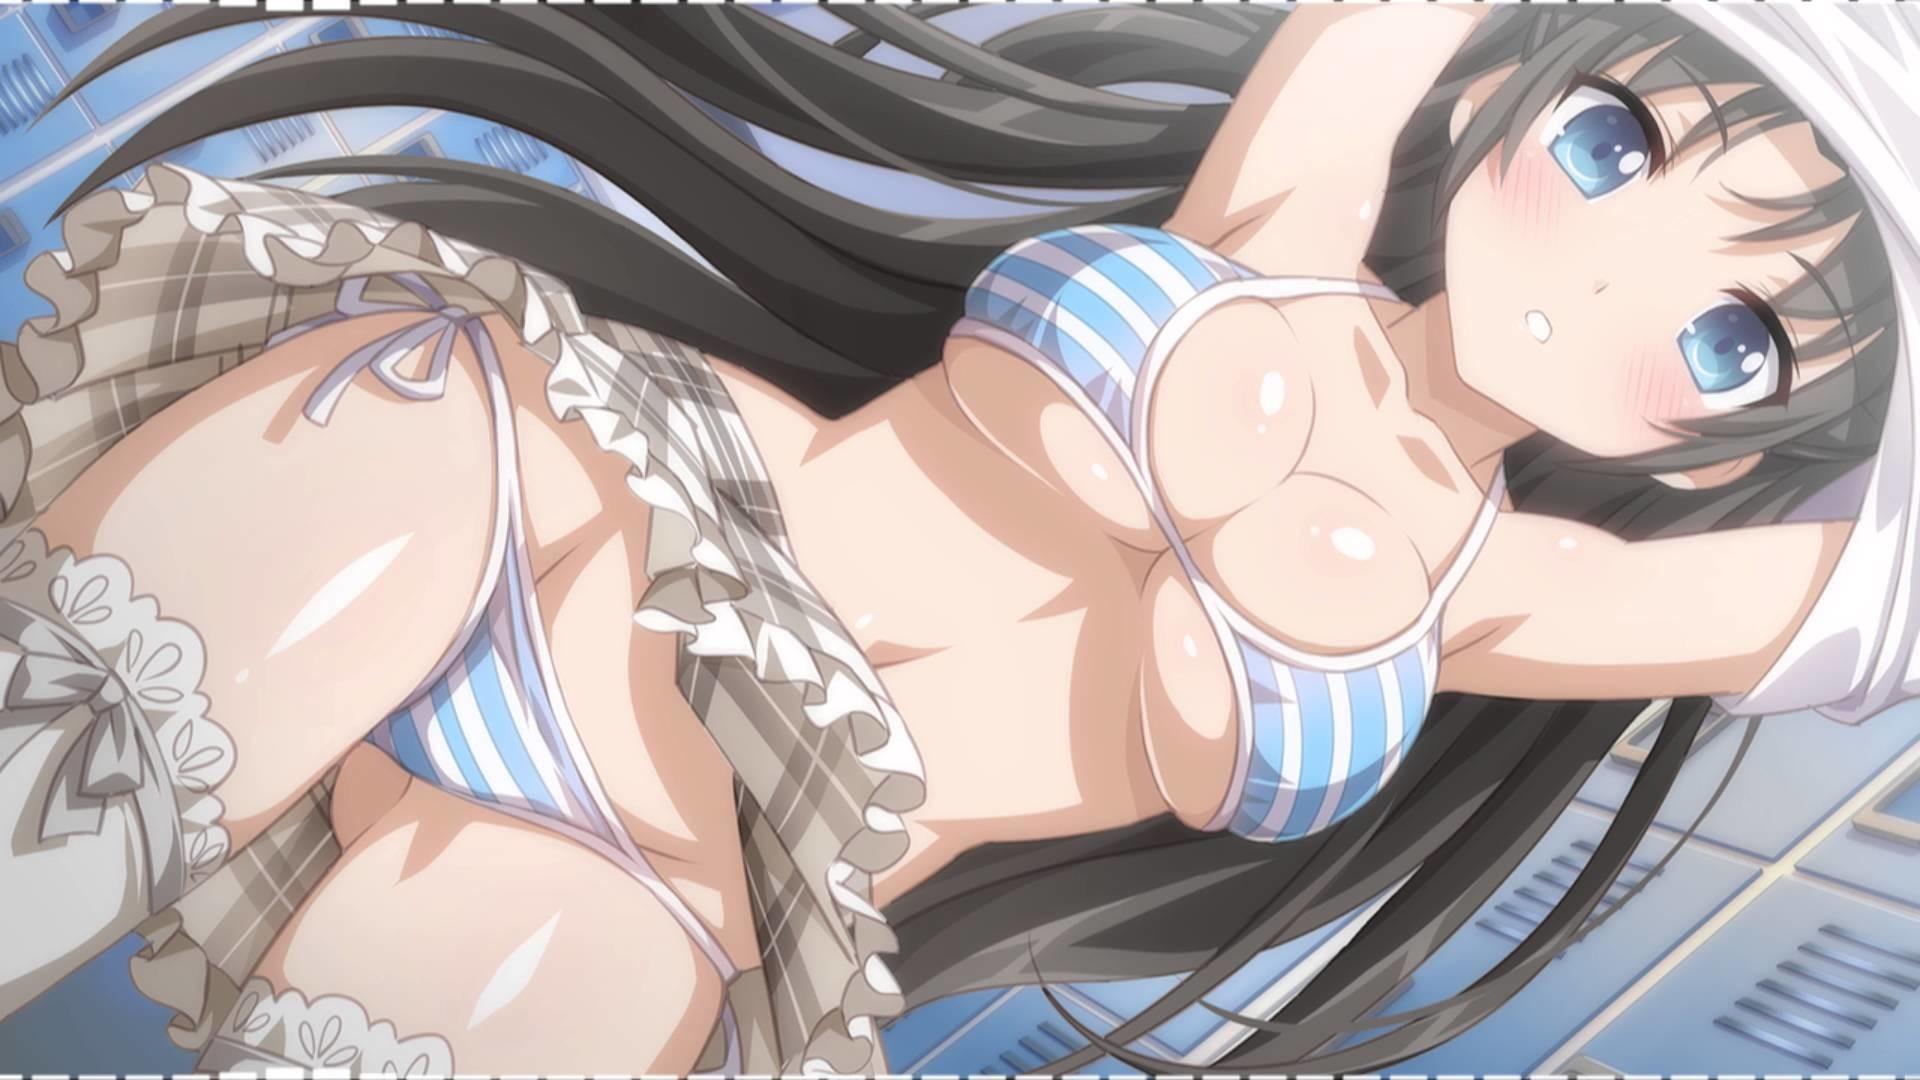 Sakura swim club nude